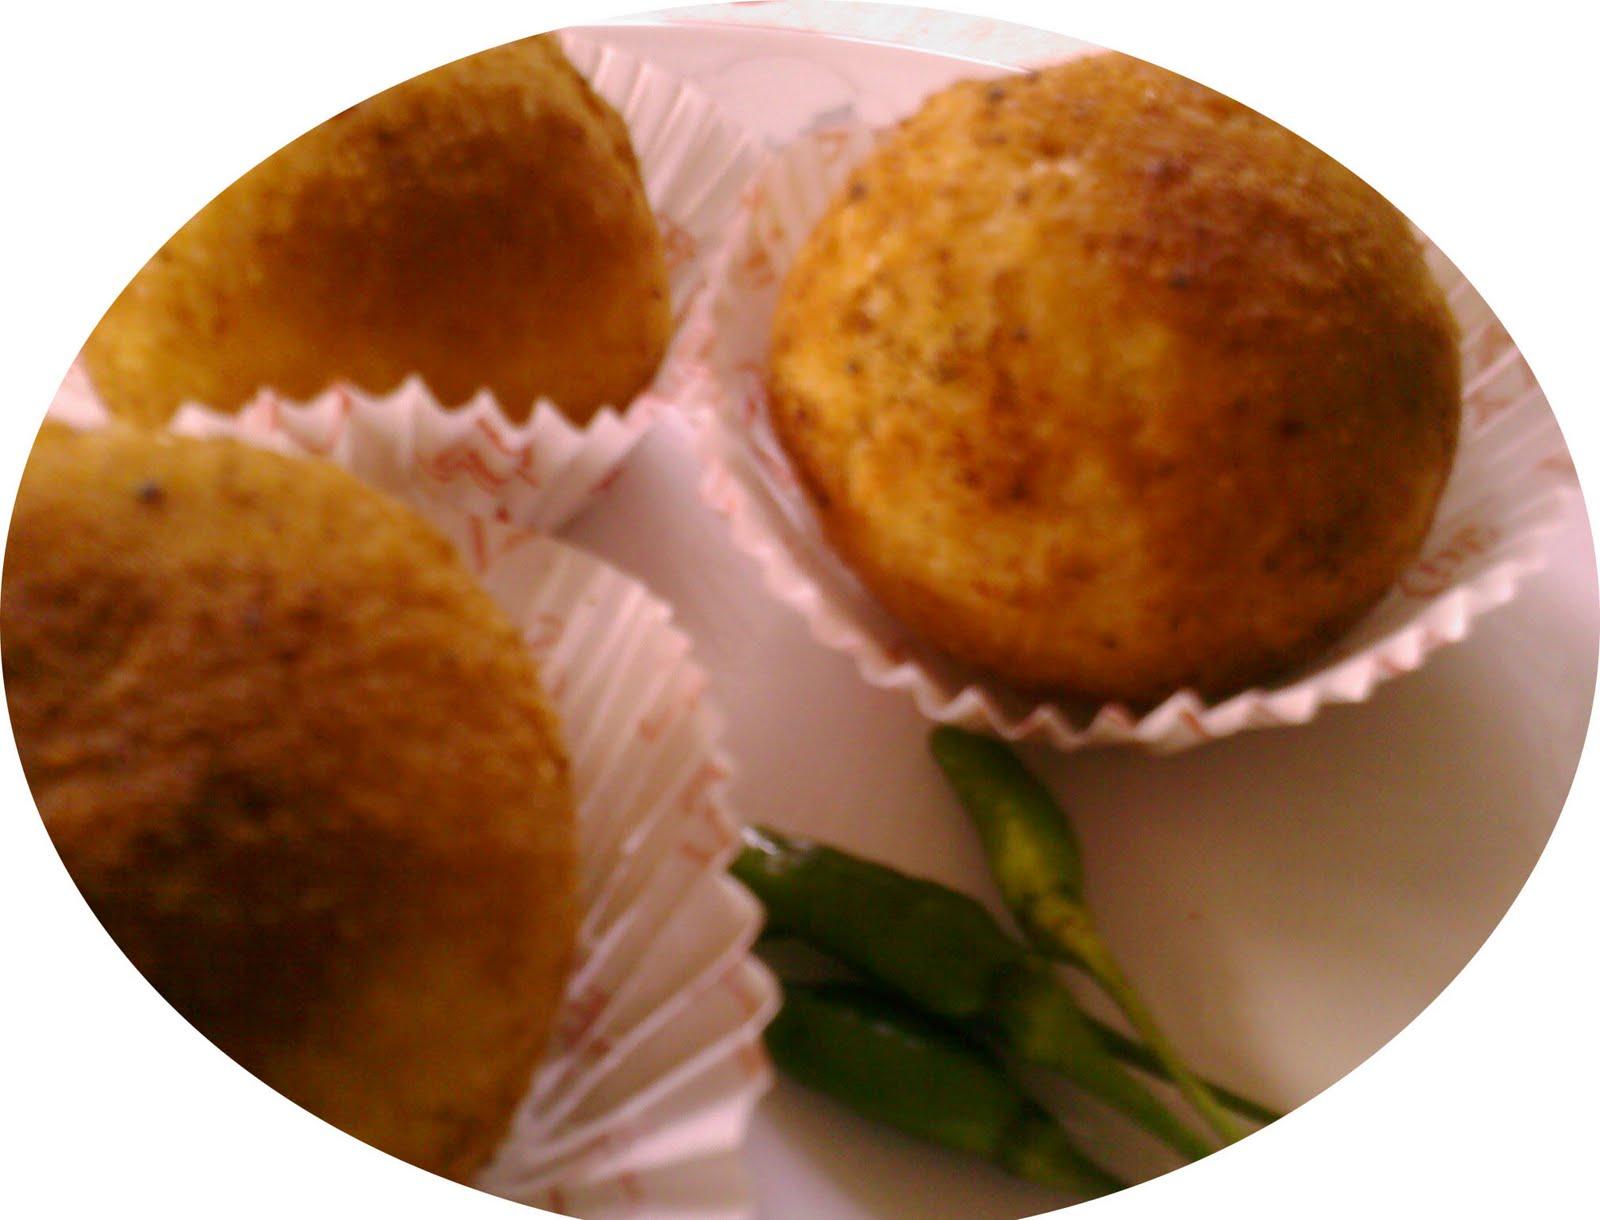 Resep Membuat Aneka Roti Goreng Manis Gurih Dan Enak | Share The ...